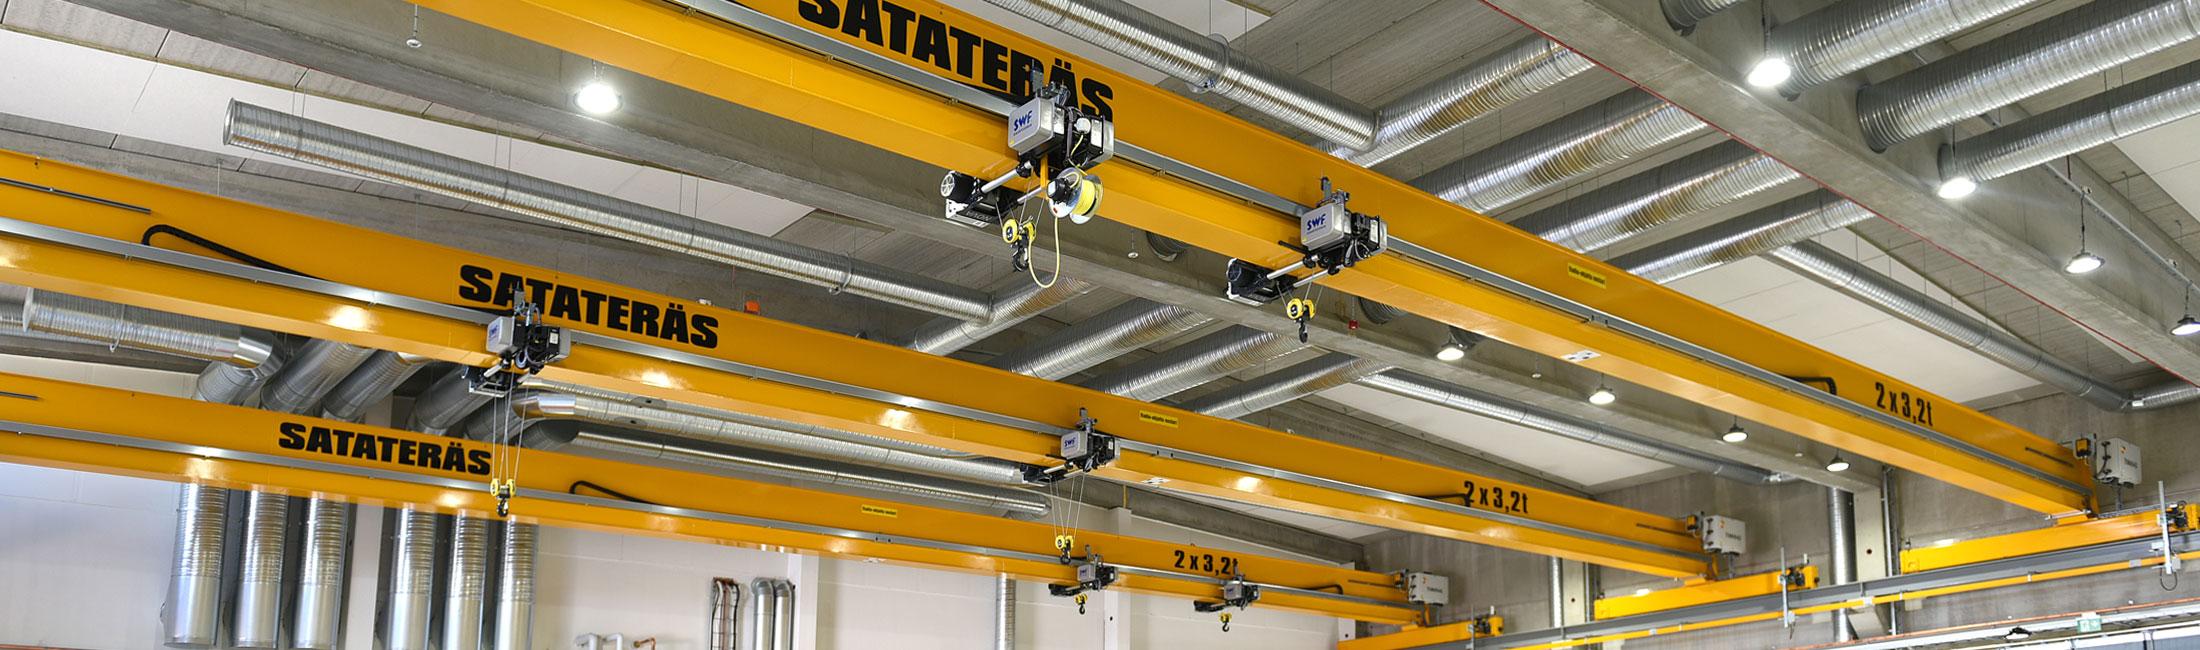 teollisuus-metalliteollisuus-teollisuuden-siltanosturit-satateras-siltanosturi-siikainen_2